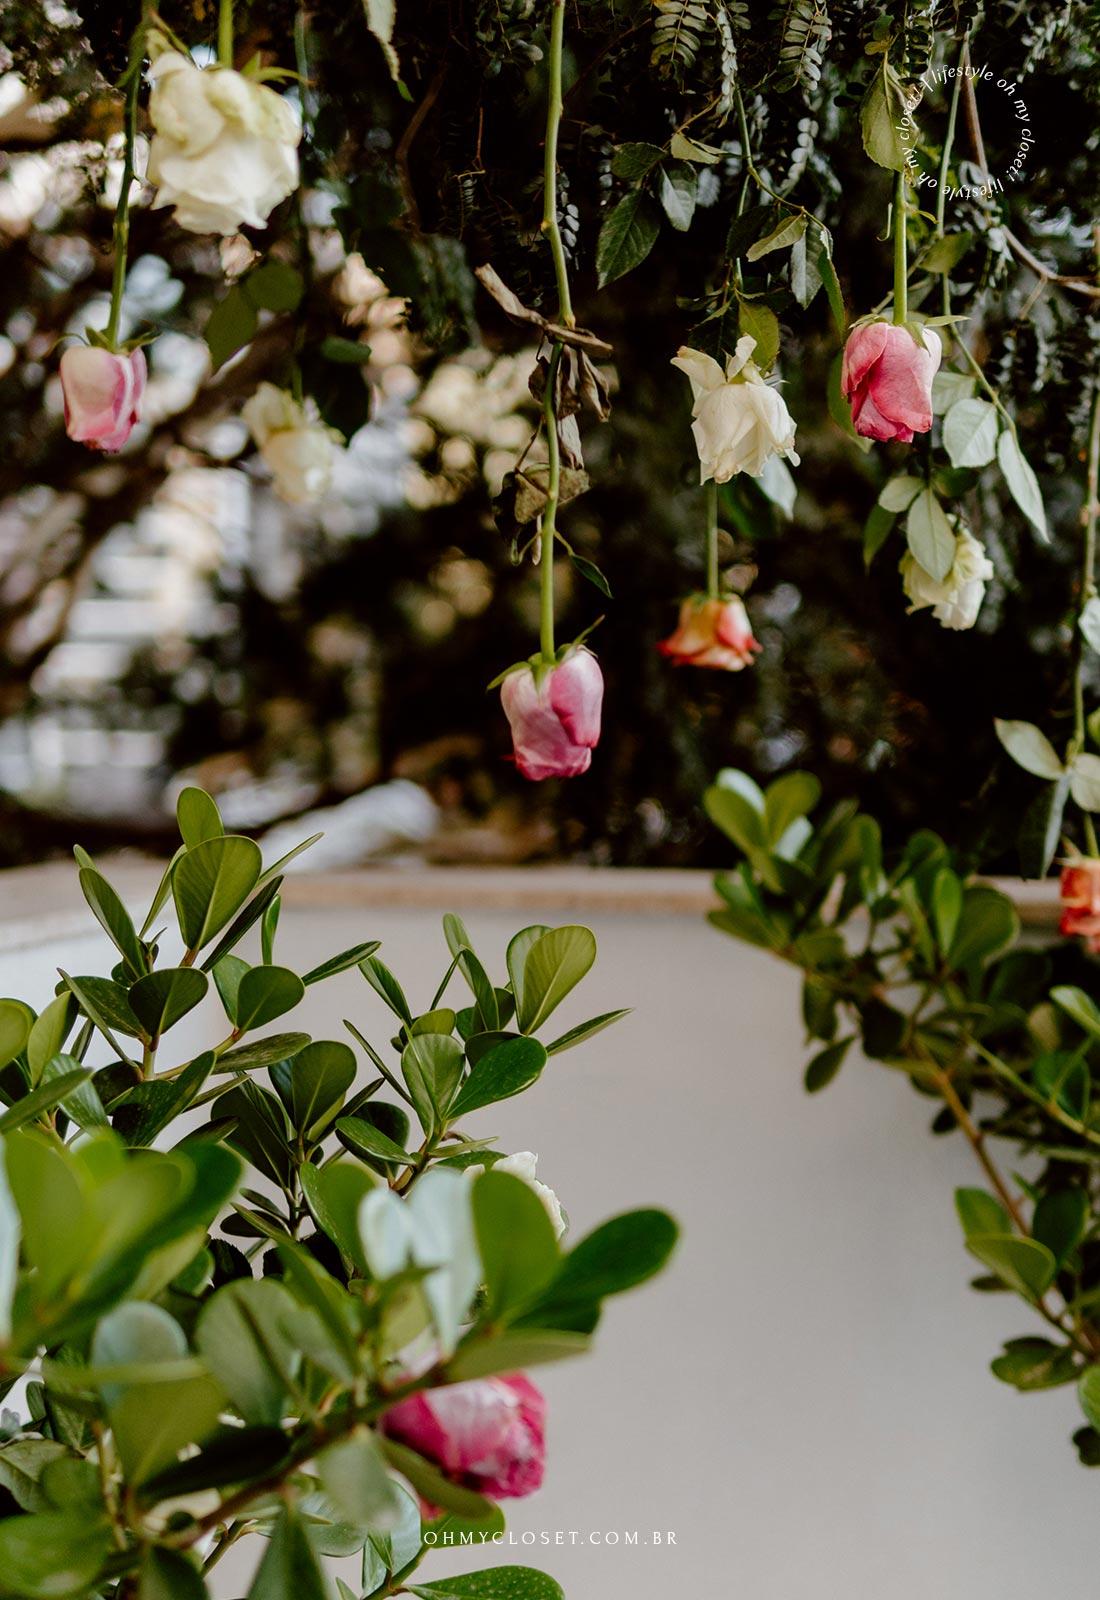 Decoração de árvore com rosas.